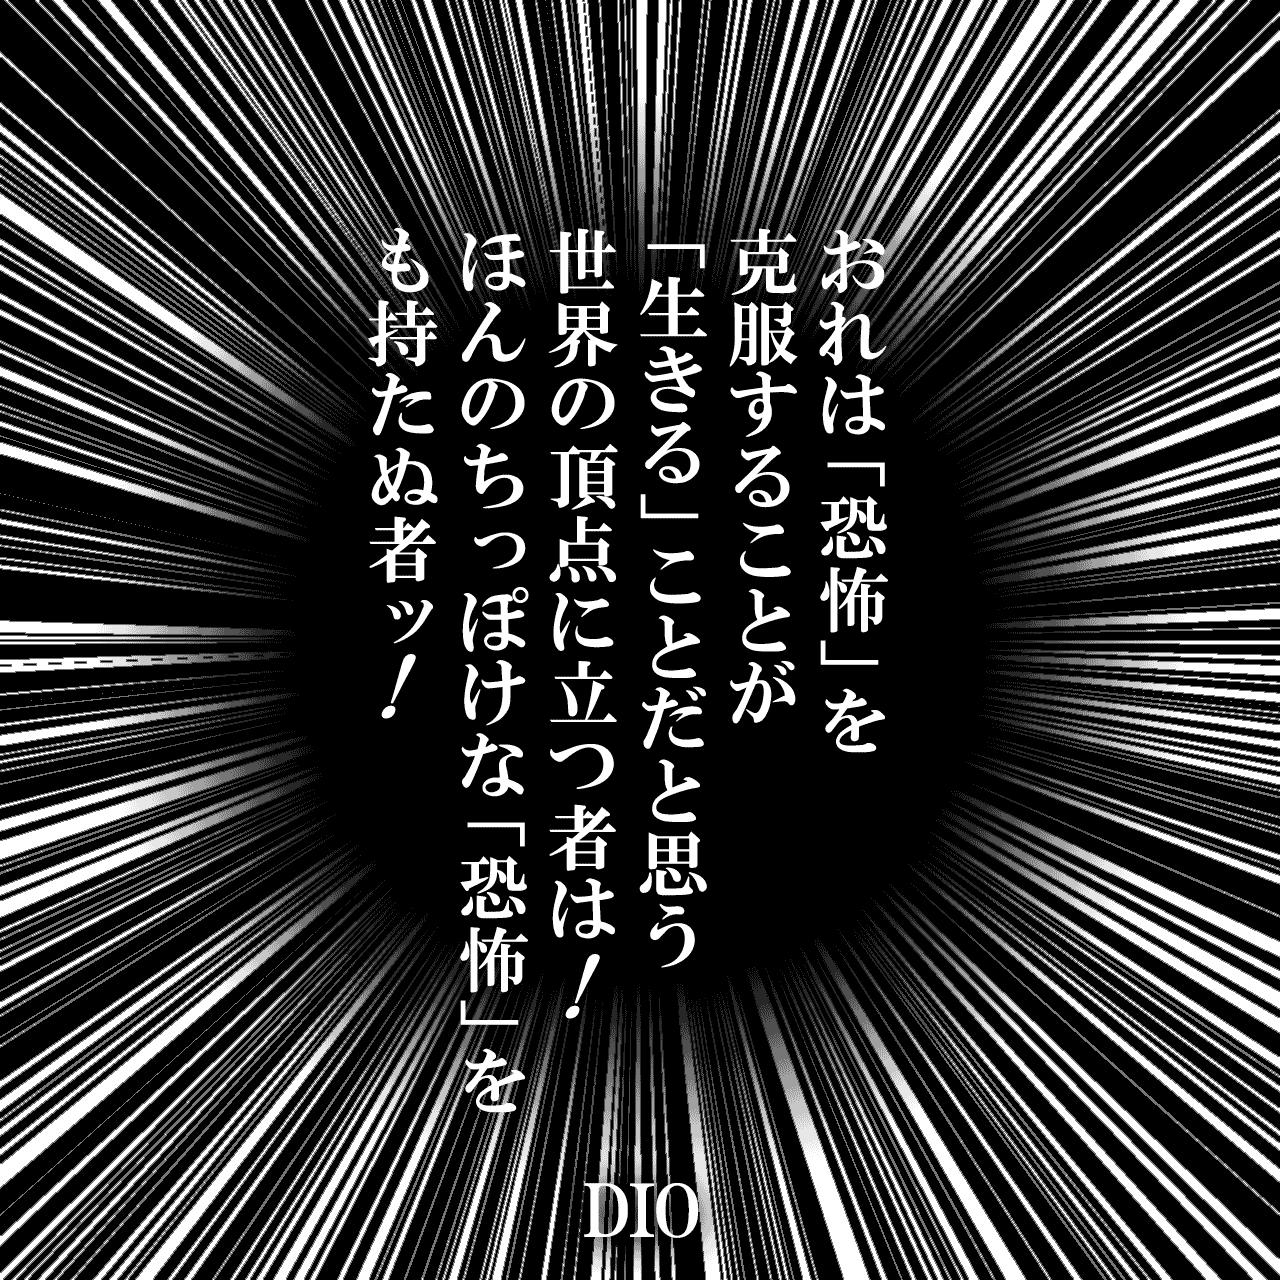 おれは「恐怖」を克服することが「生きる」ことだと思う 世界の頂点に立つ者は!ほんのちっぽけな「恐怖」をも持たぬ者ッ!(引用元:ジョジョの奇妙な冒険 Part3 スターダストクルセイダース 『力(ストレングス) その(1)』より)